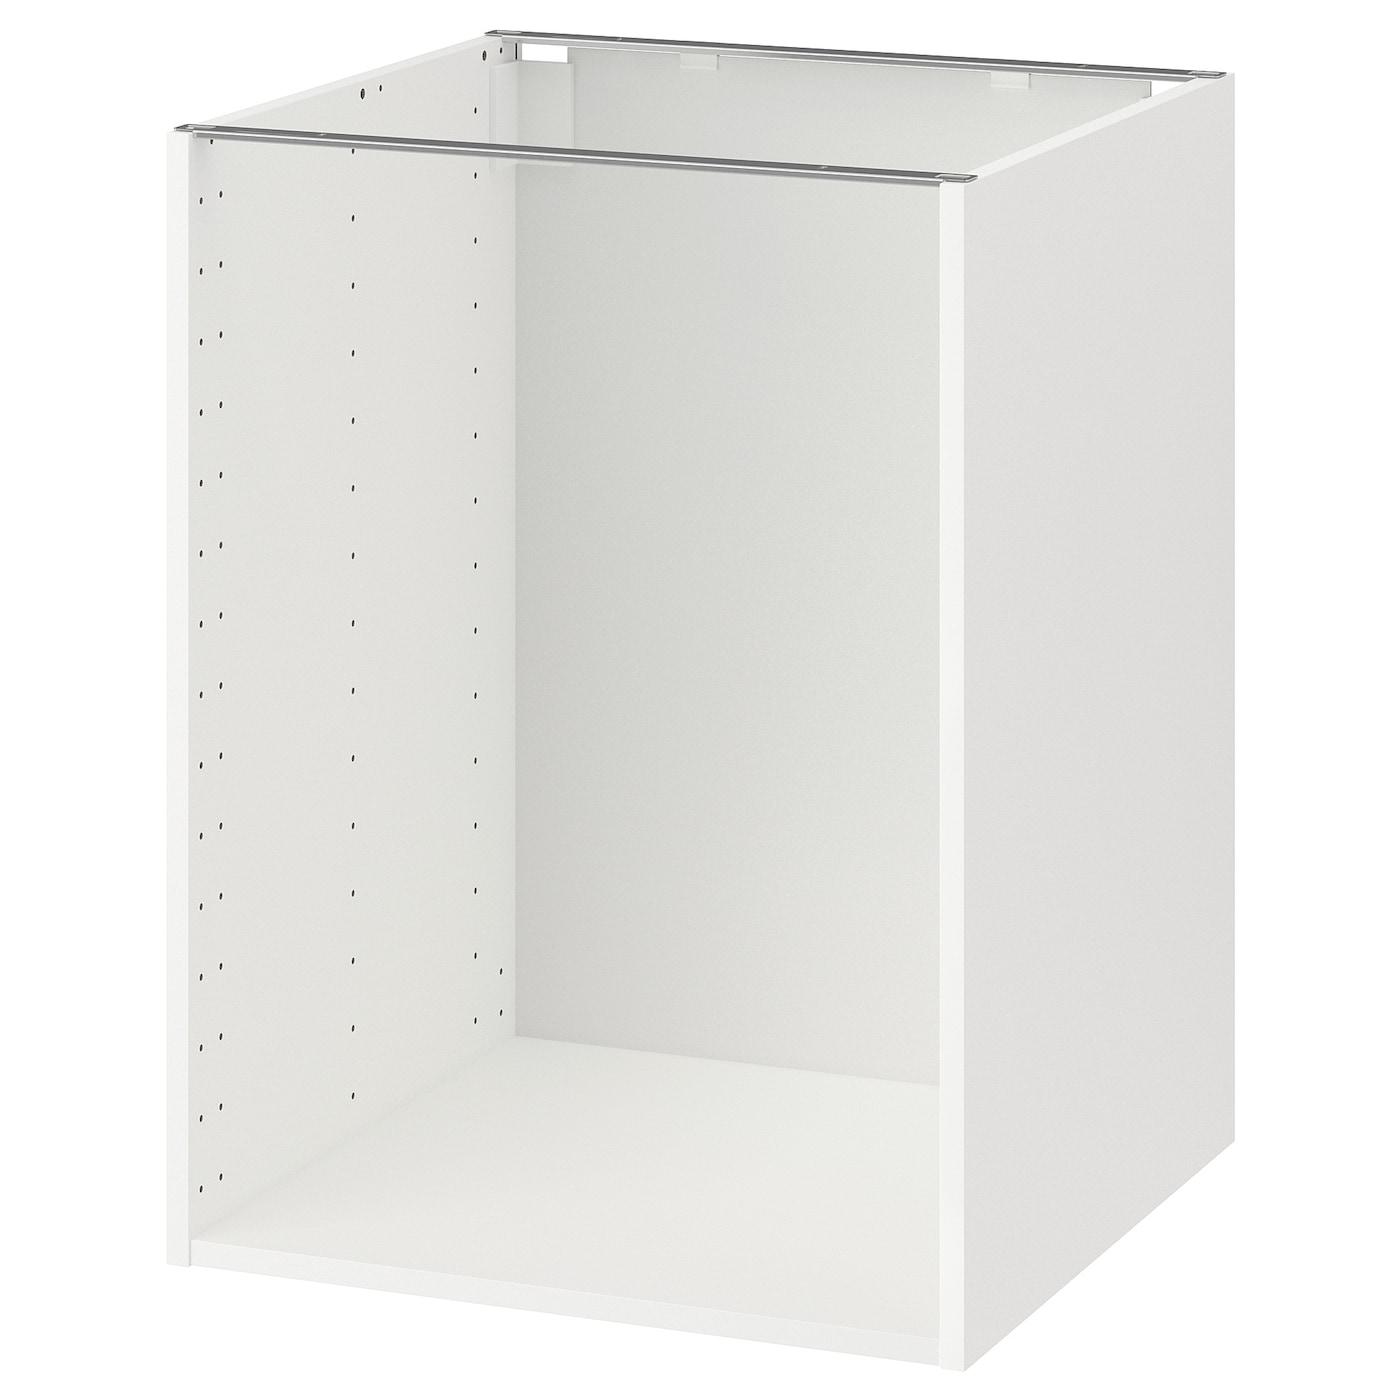 Full Size of Ikea Wohnzimmerschrank Weiß Weiße Betten Esstisch Oval Weißes Sofa Bad Hängeschrank Hochglanz Bei Ausziehbar Bett 100x200 Regal Metall Wohnzimmer 200x200 Wohnzimmer Ikea Wohnzimmerschrank Weiß